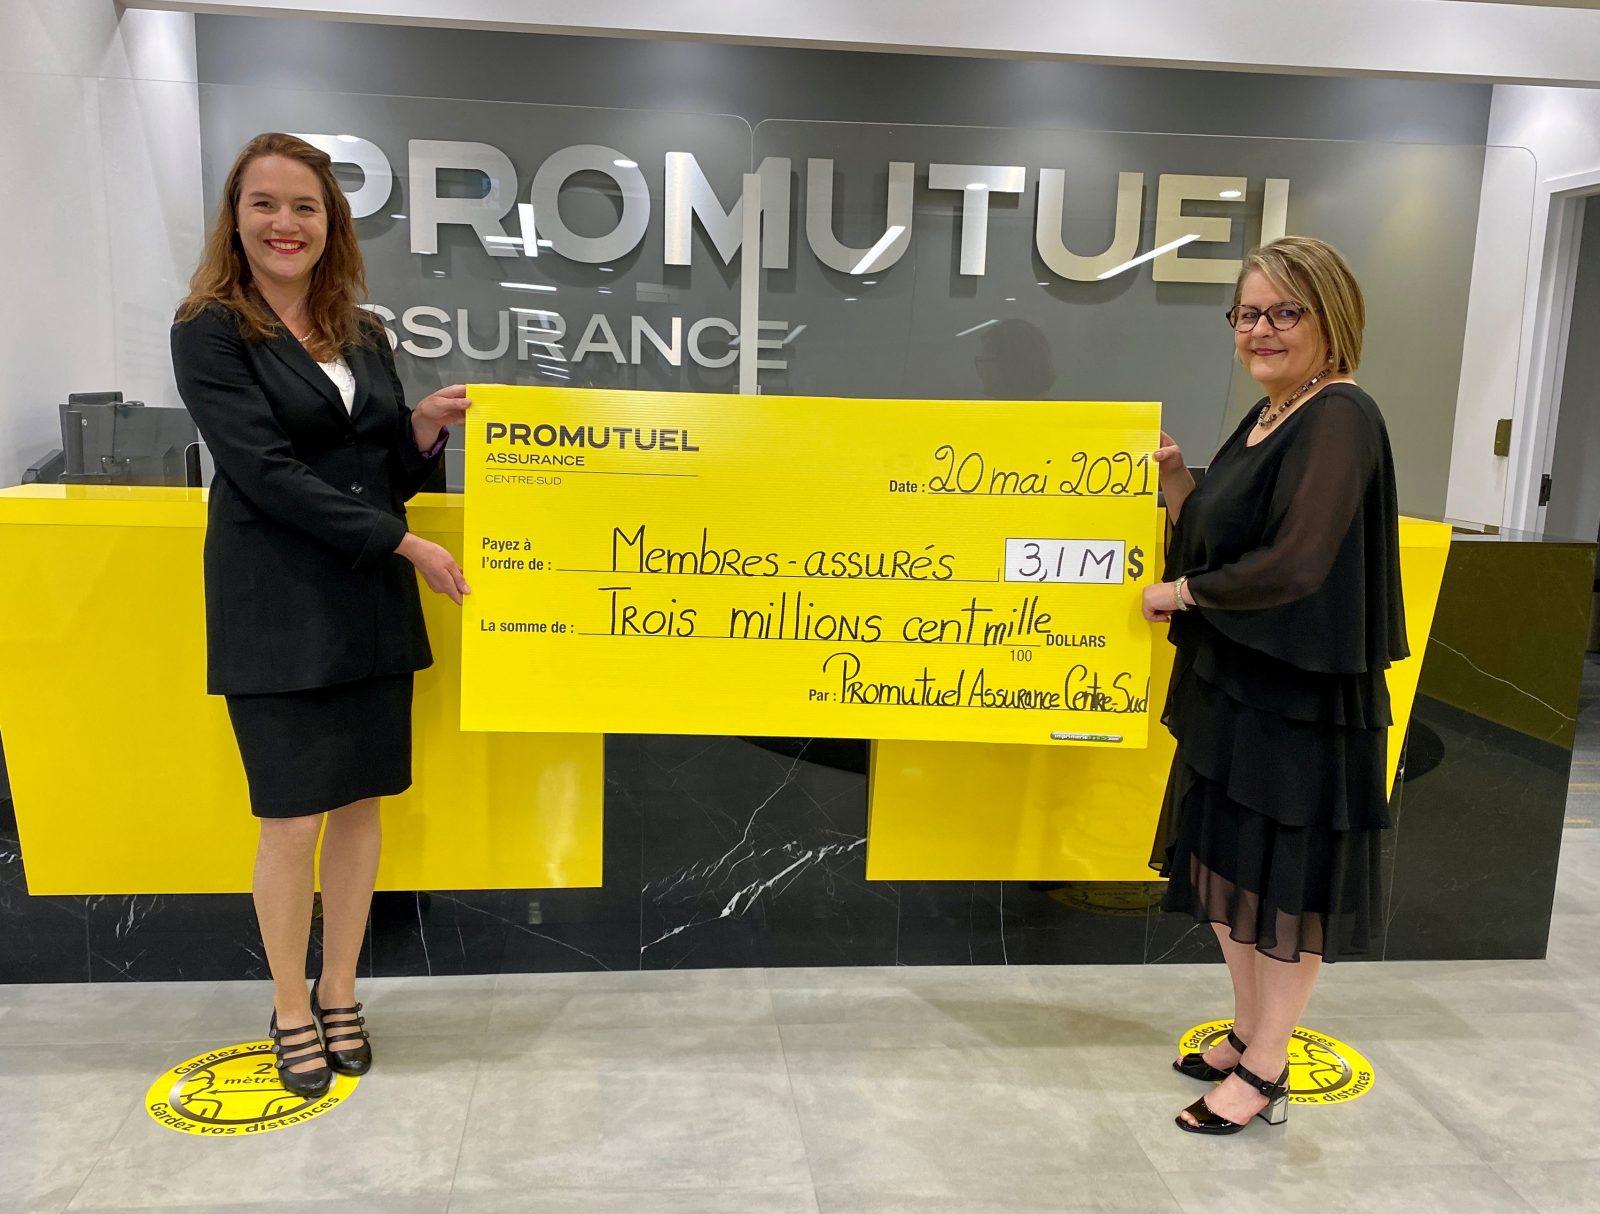 Promutuel Assurance Centre-Sud distribuera une ristourne de 3,1 M $ à ses membres